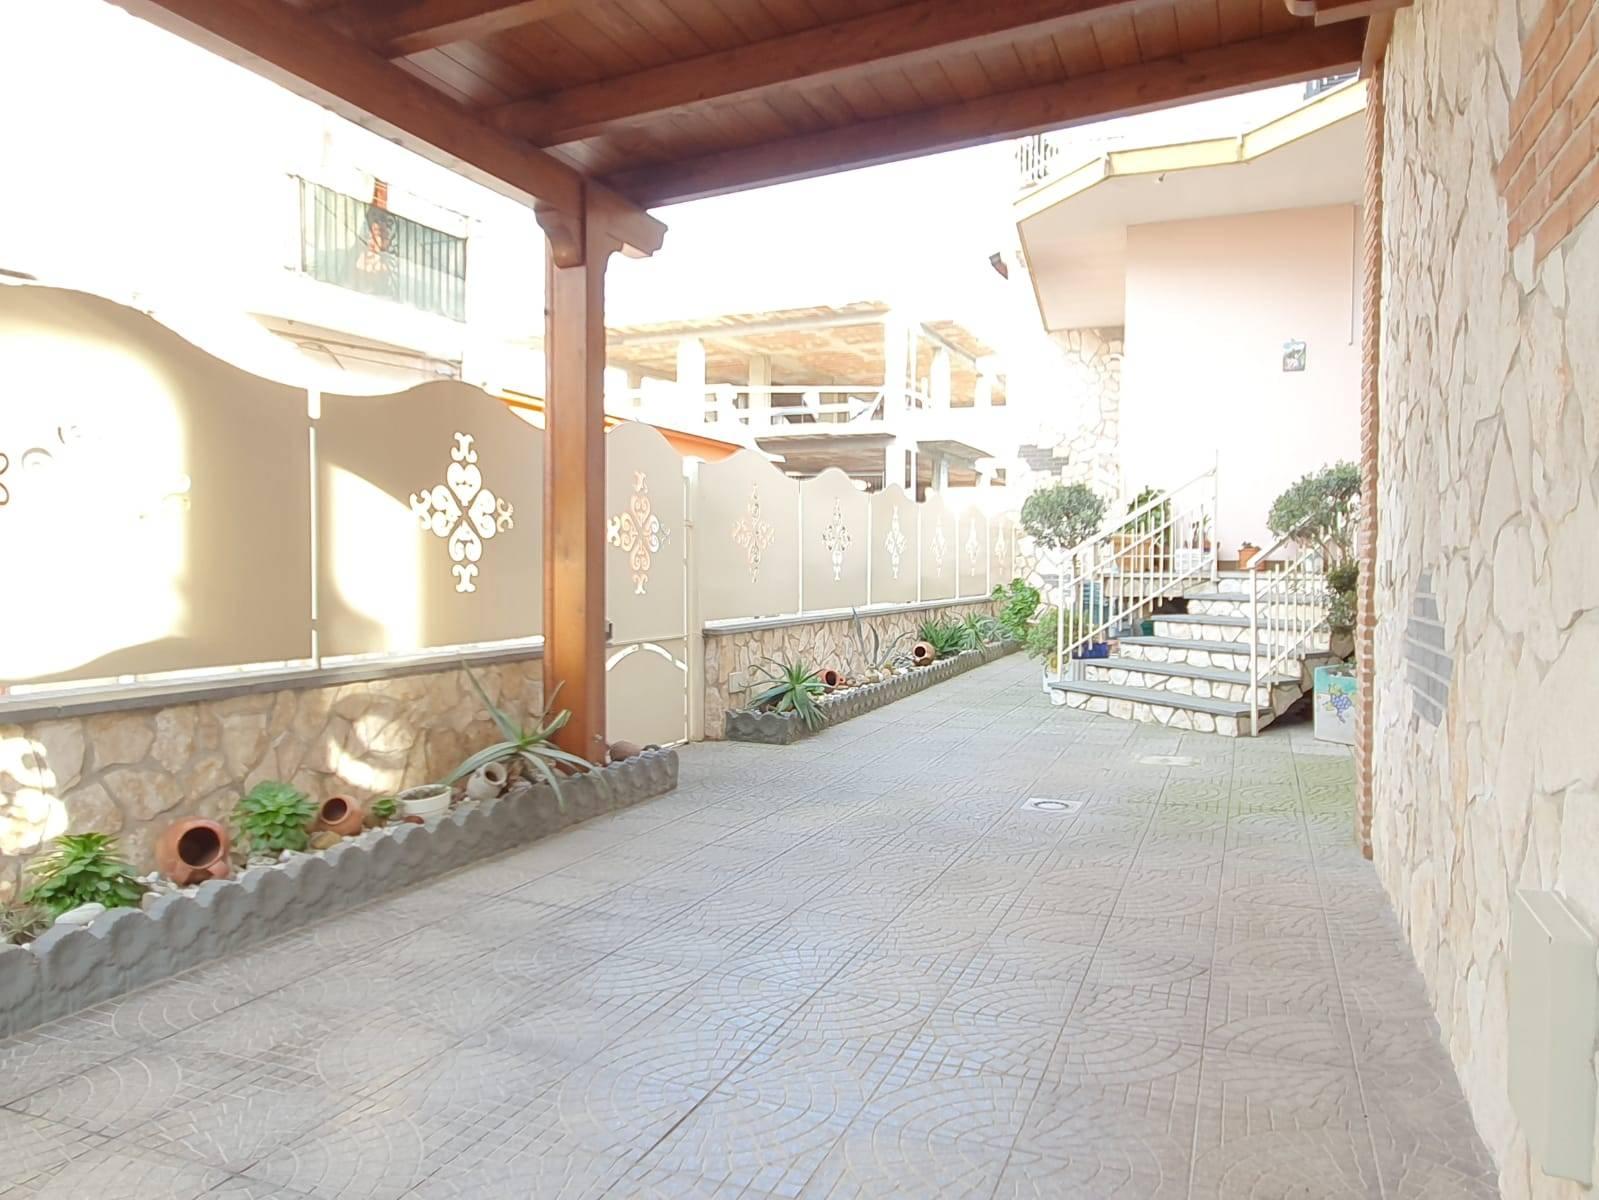 Appartamento in vendita a Brusciano, 3 locali, prezzo € 165.000 | PortaleAgenzieImmobiliari.it